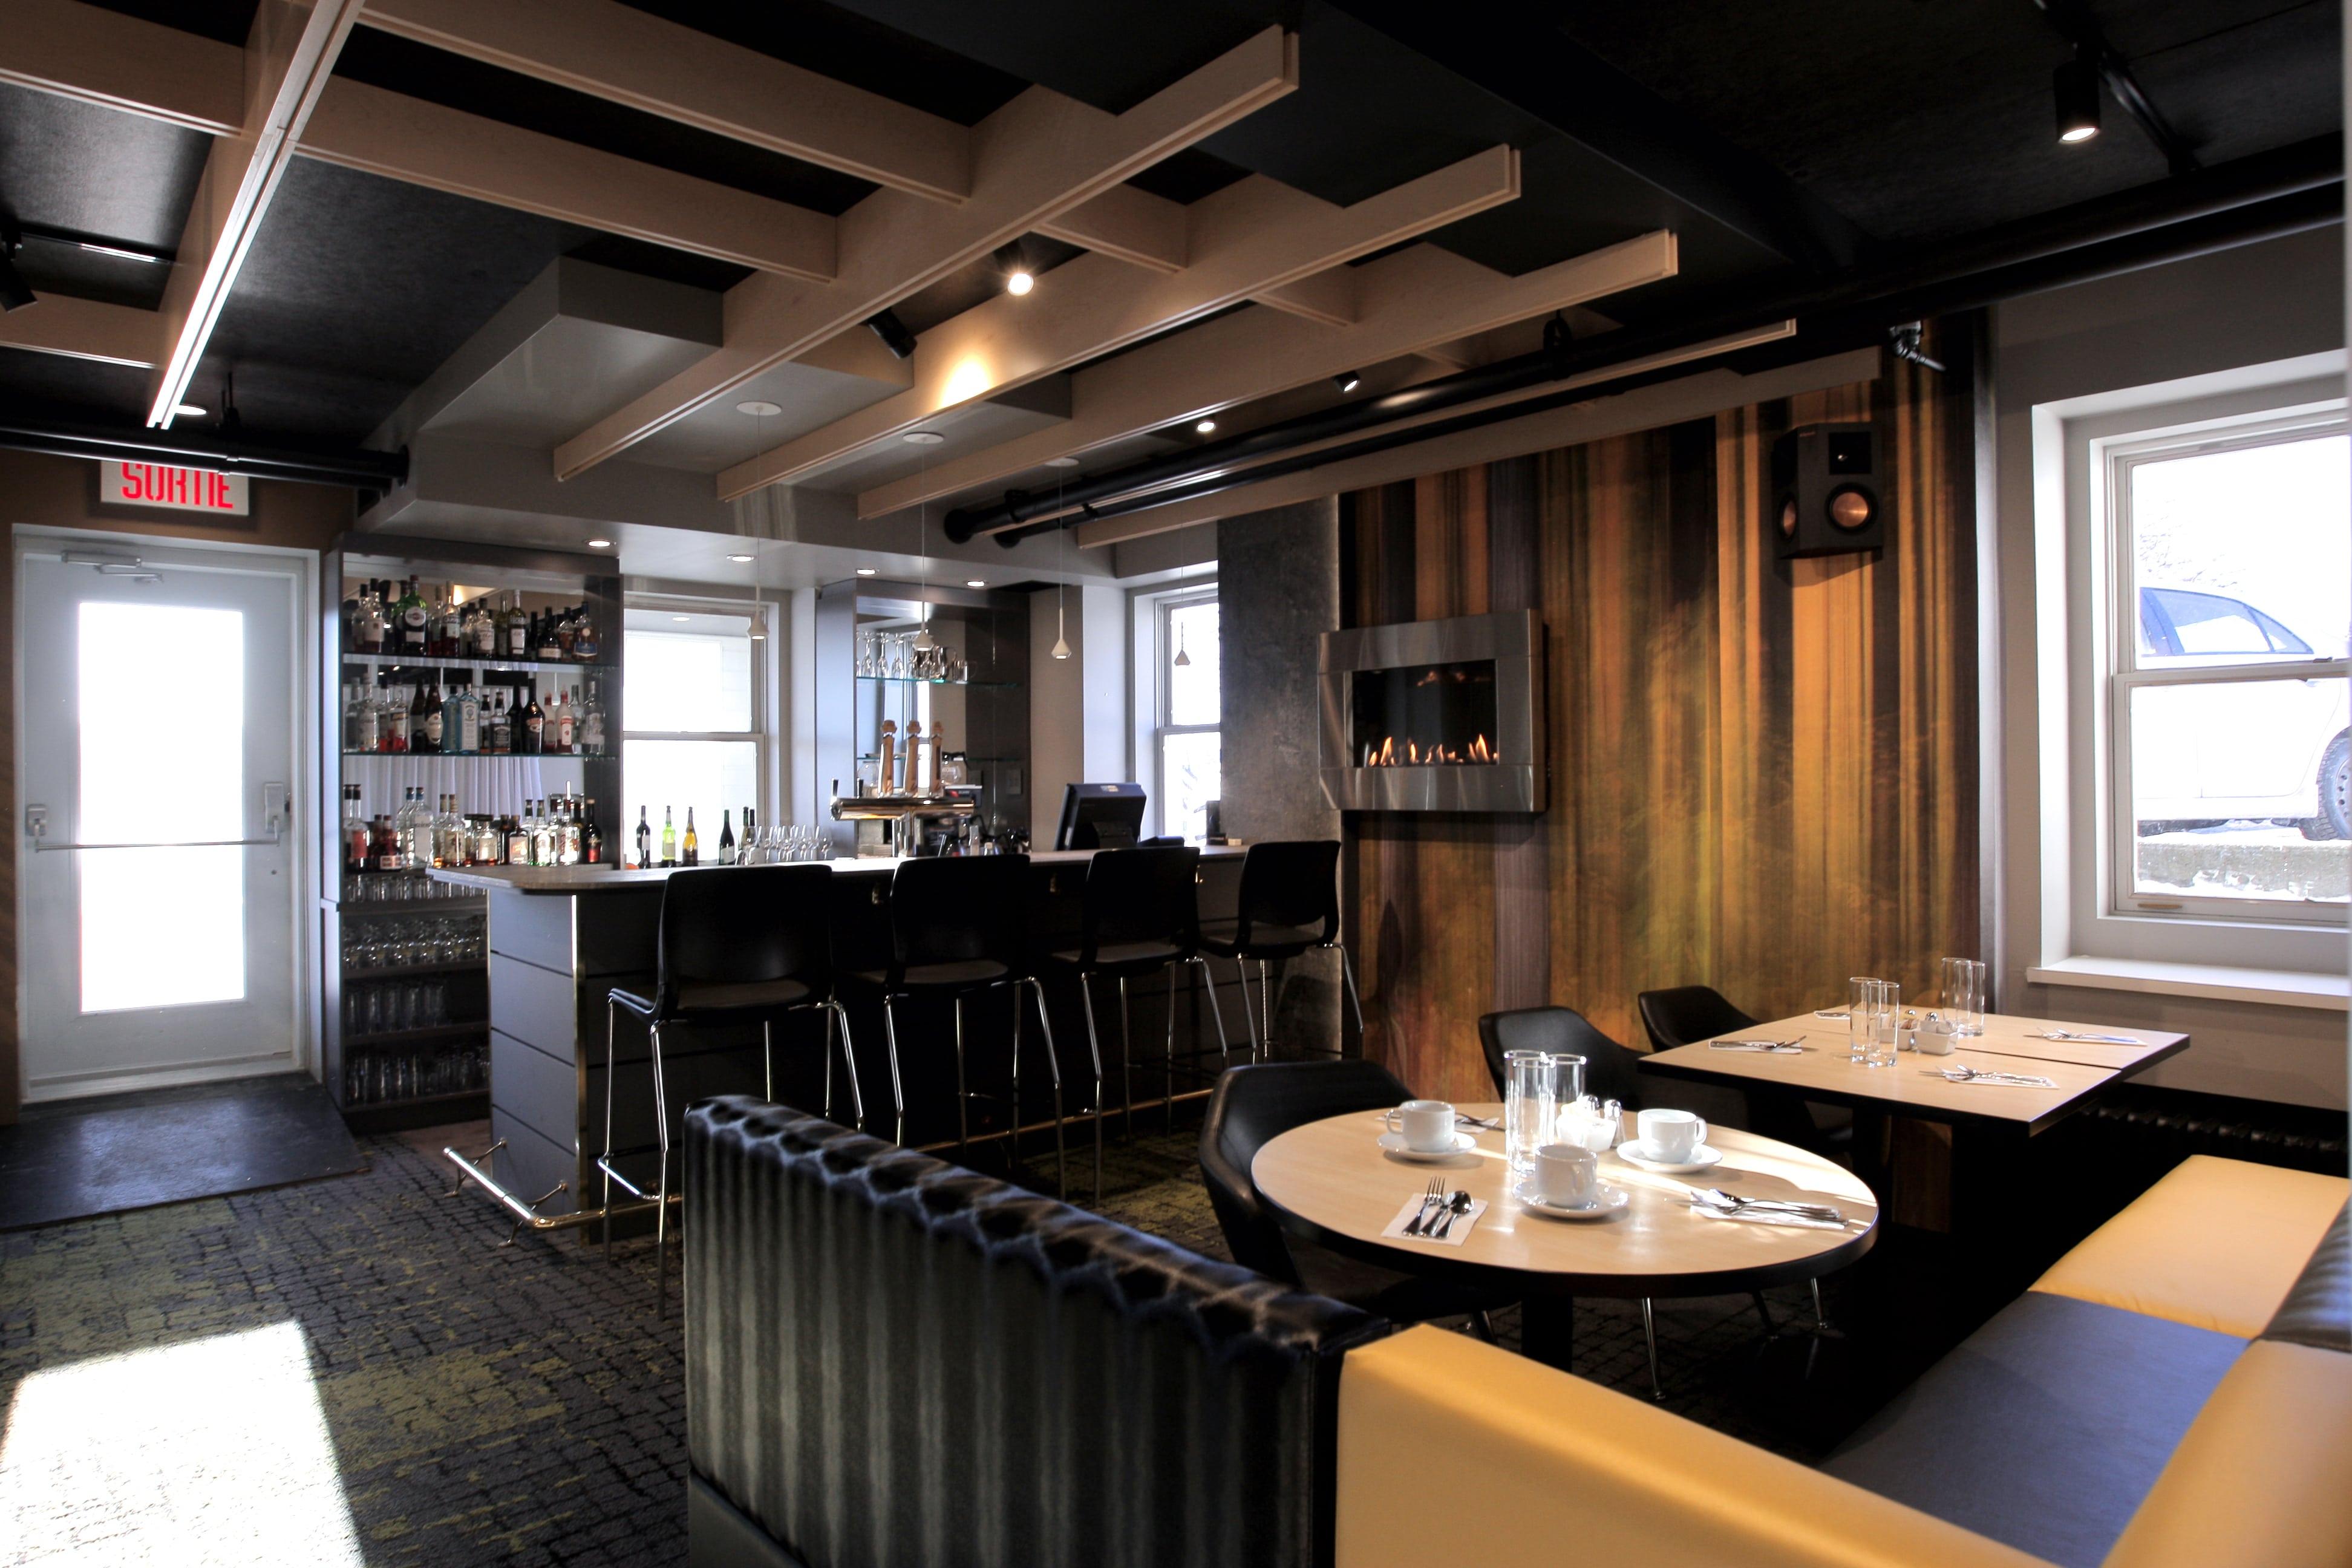 Restaurant L'introuvable ambiance